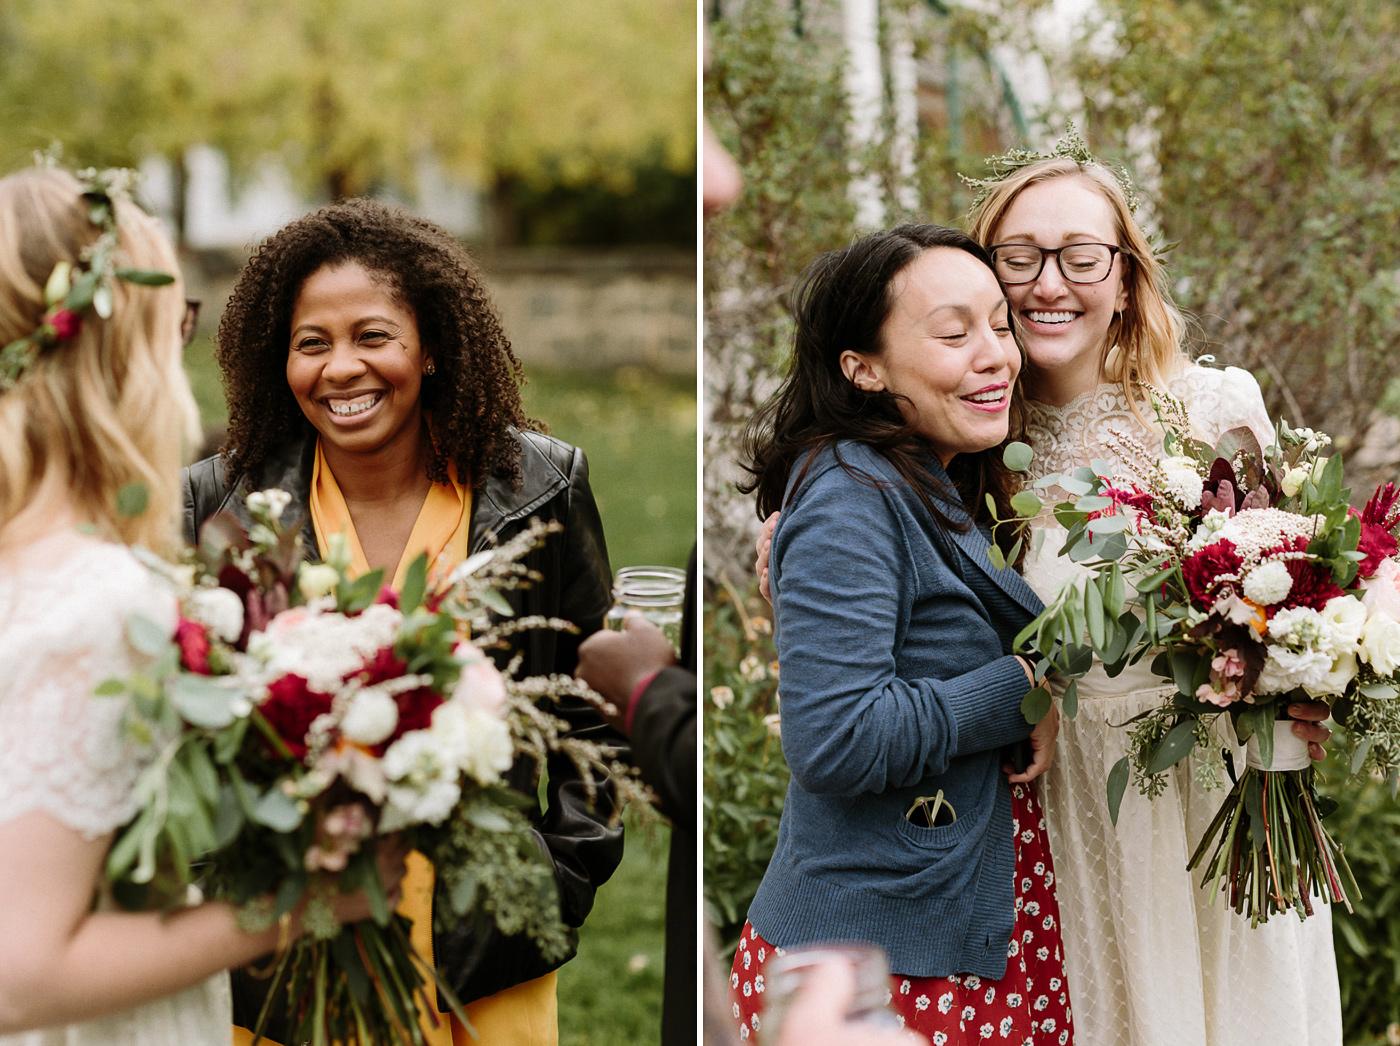 Wedding guests hugging bride